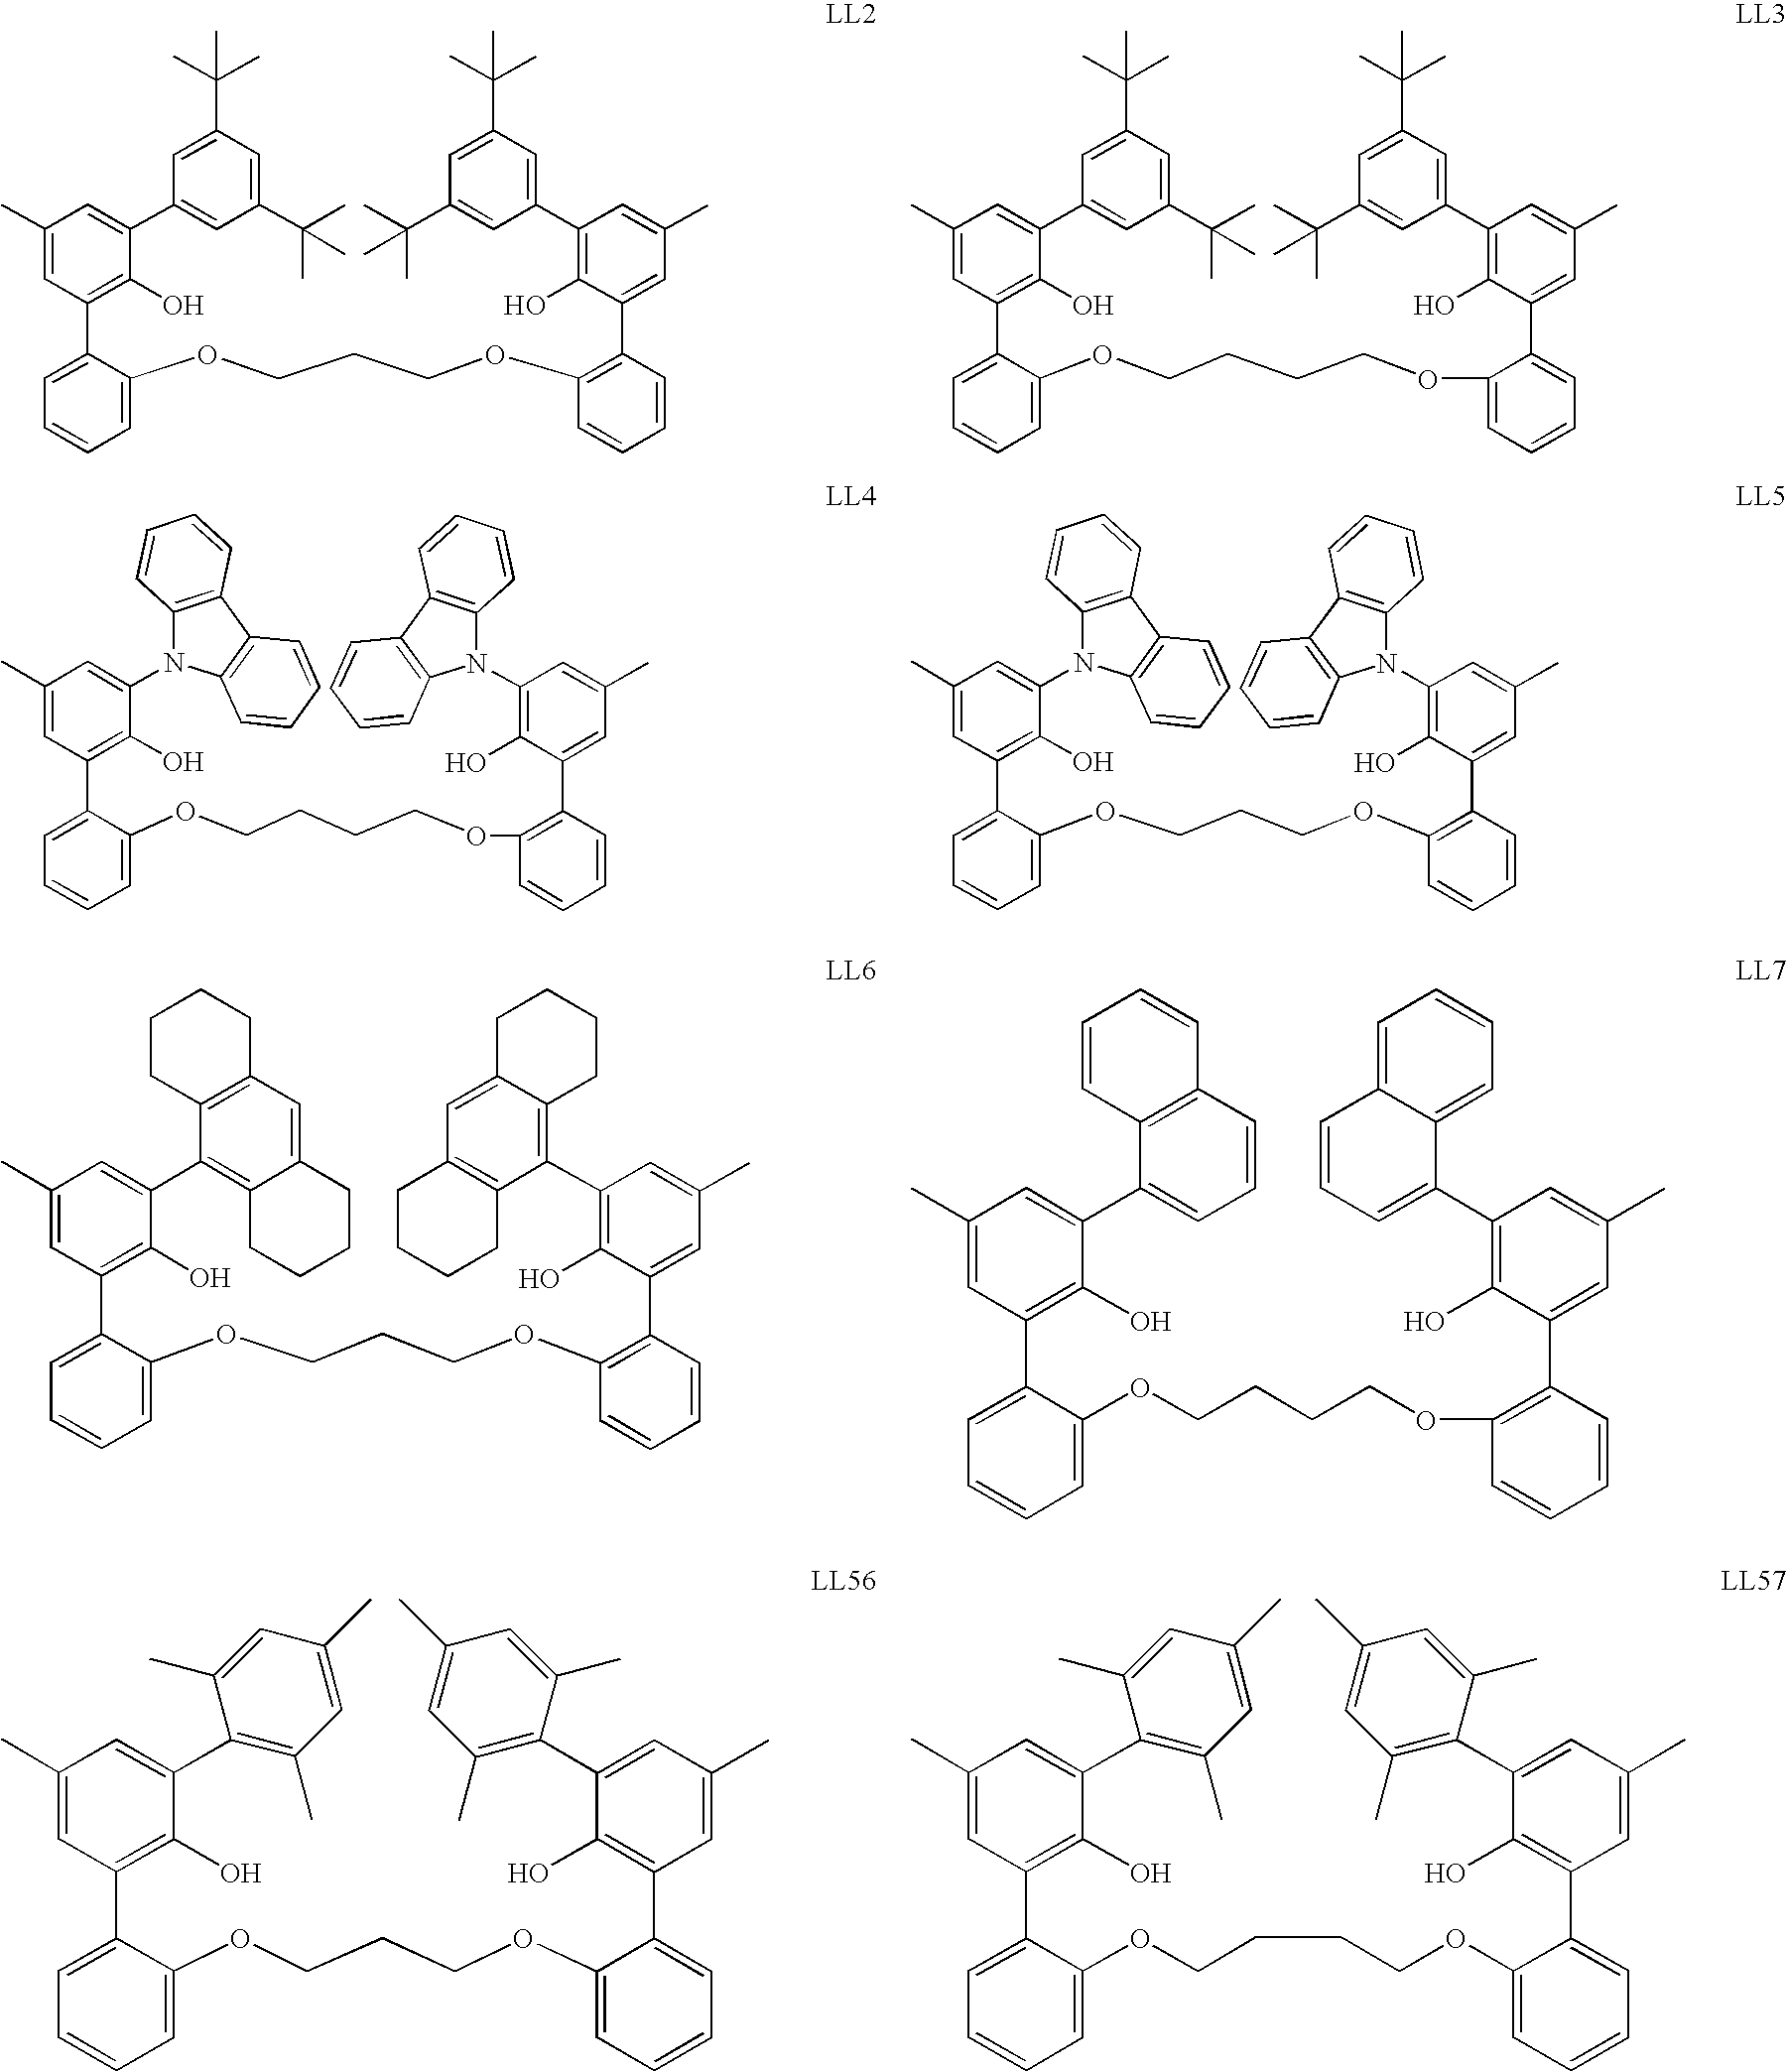 Figure US06897276-20050524-C00011